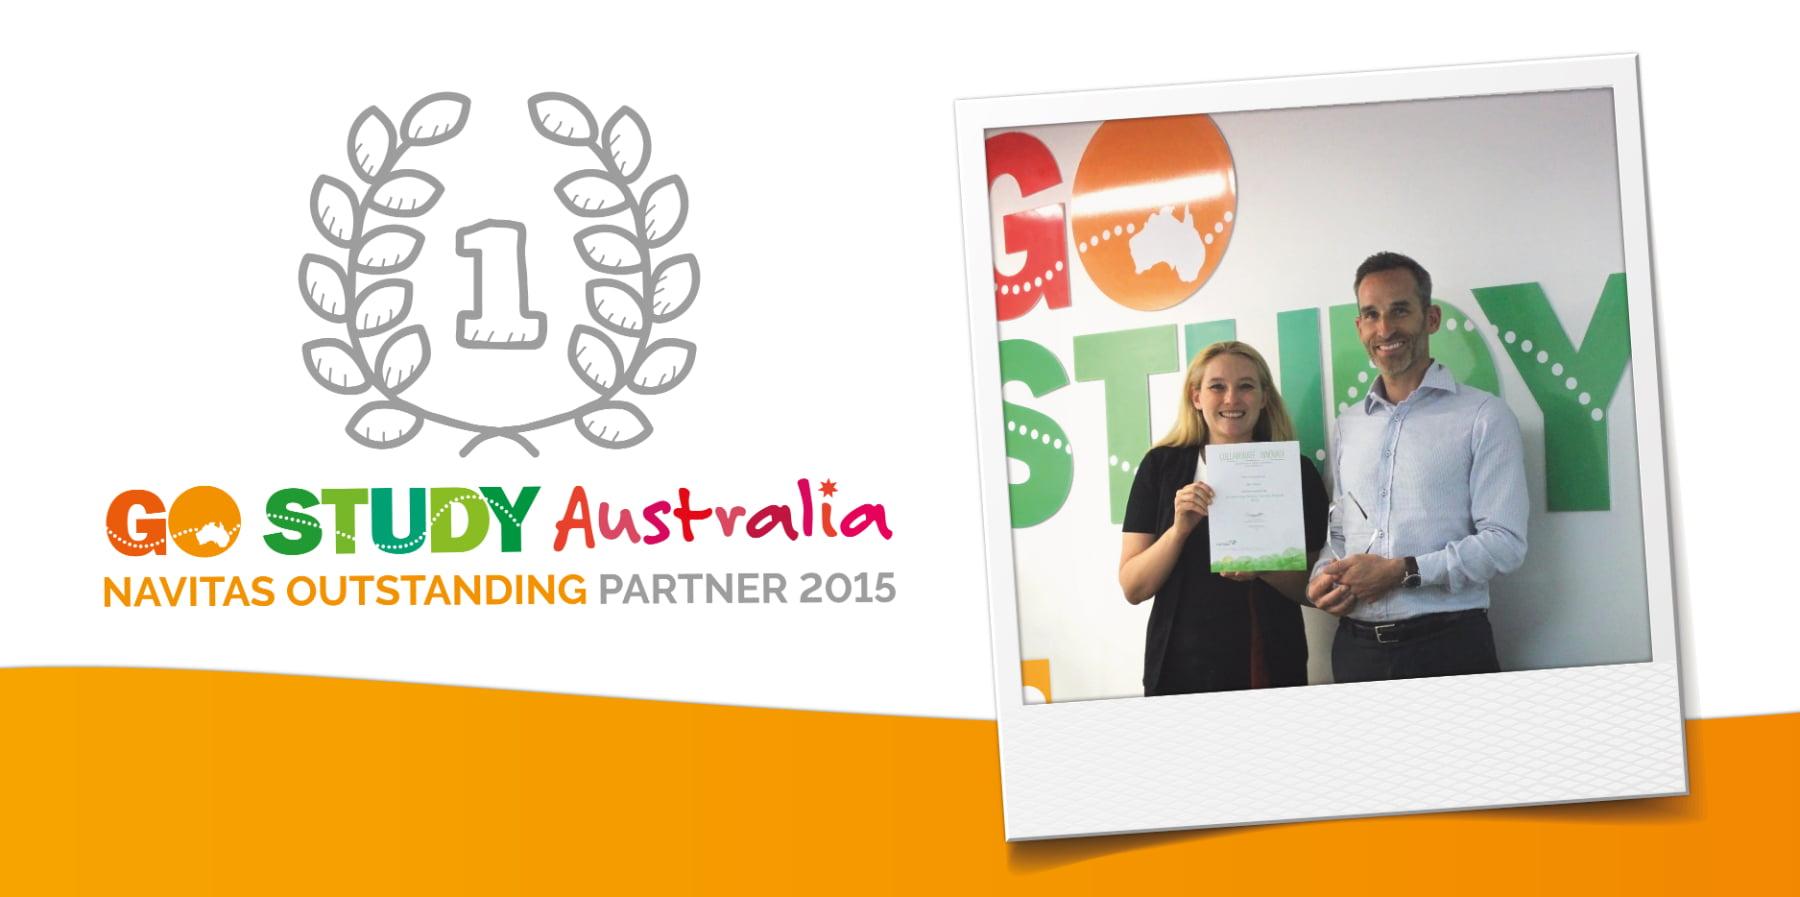 Premio Navitas 2015